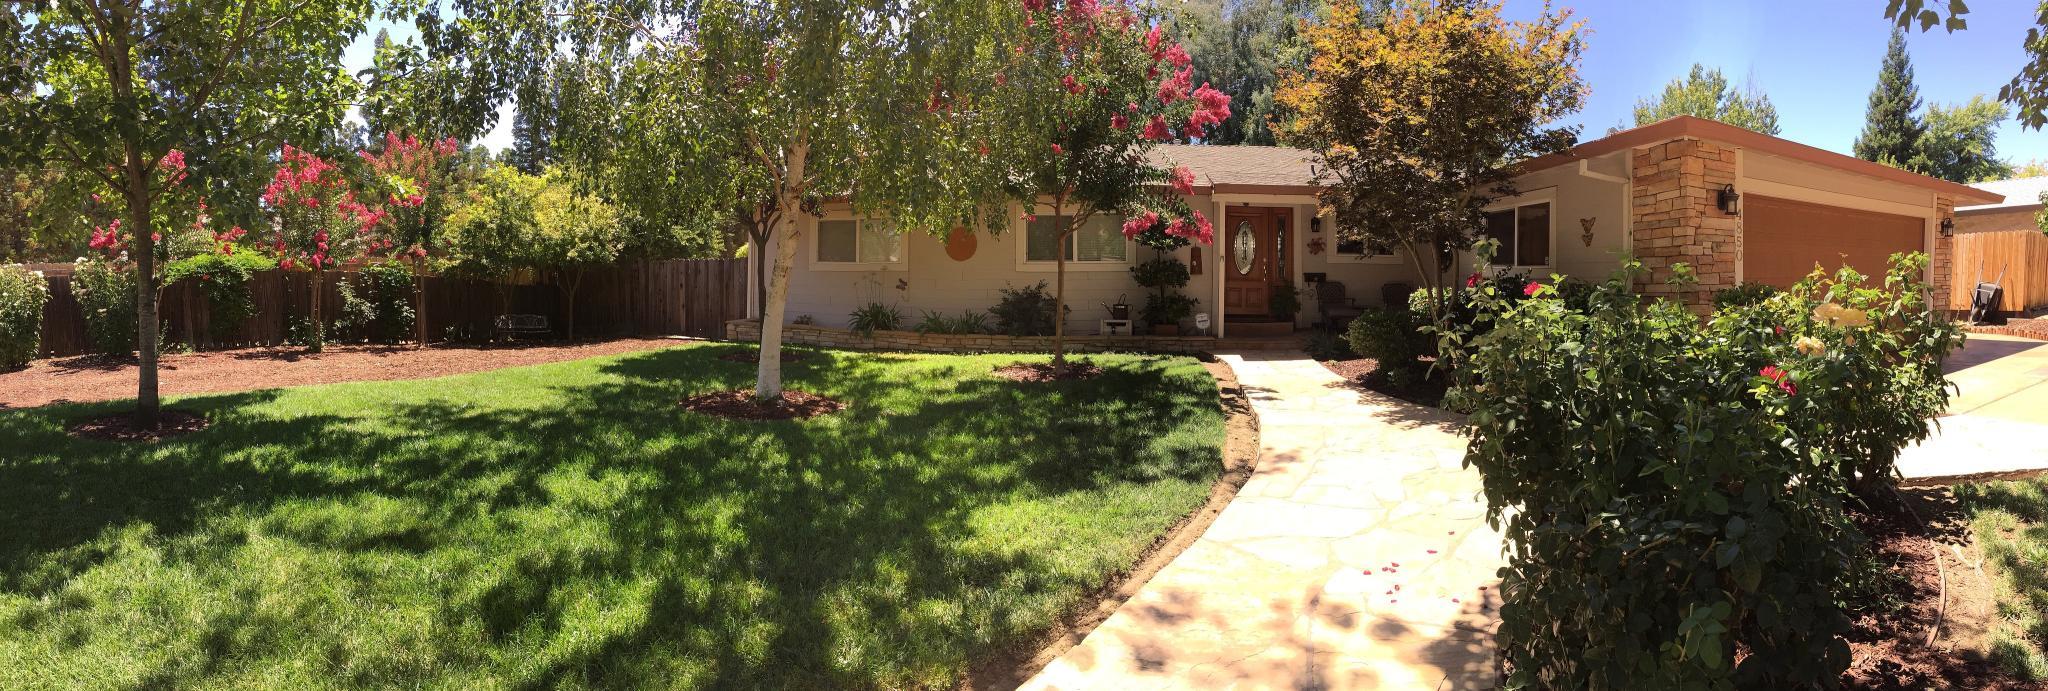 4850 Hartman Way, Fair Oaks, CA 95628 - Estimate and Home Details ...